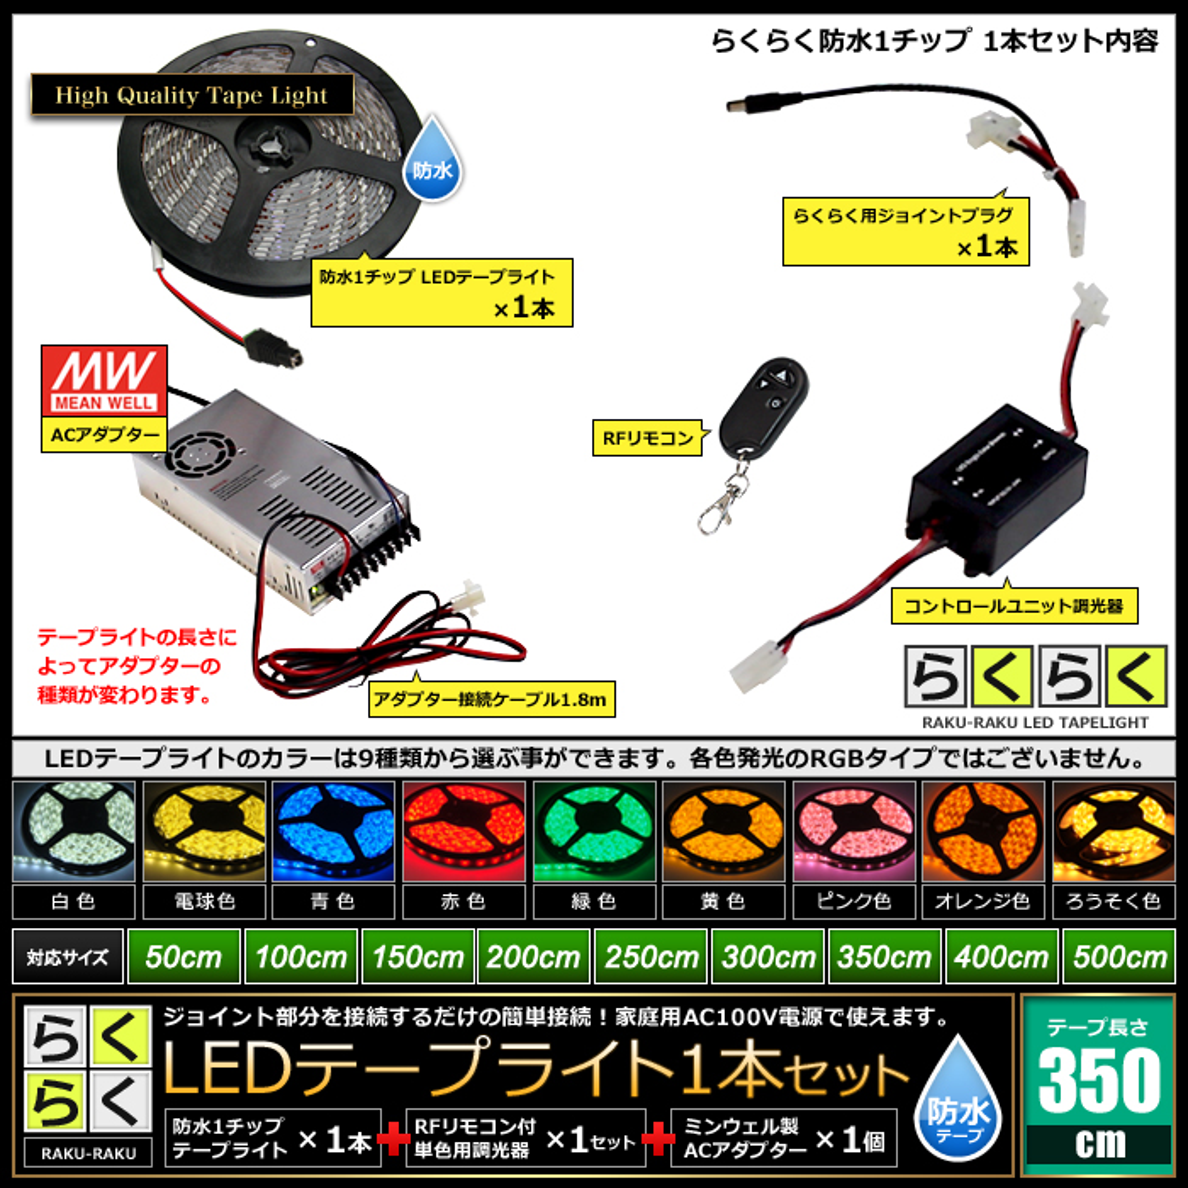 【らくらく350cm×1本セット】 防水1チップ LEDテープライト(RoHS対応) +調光器+対応アダプター付き